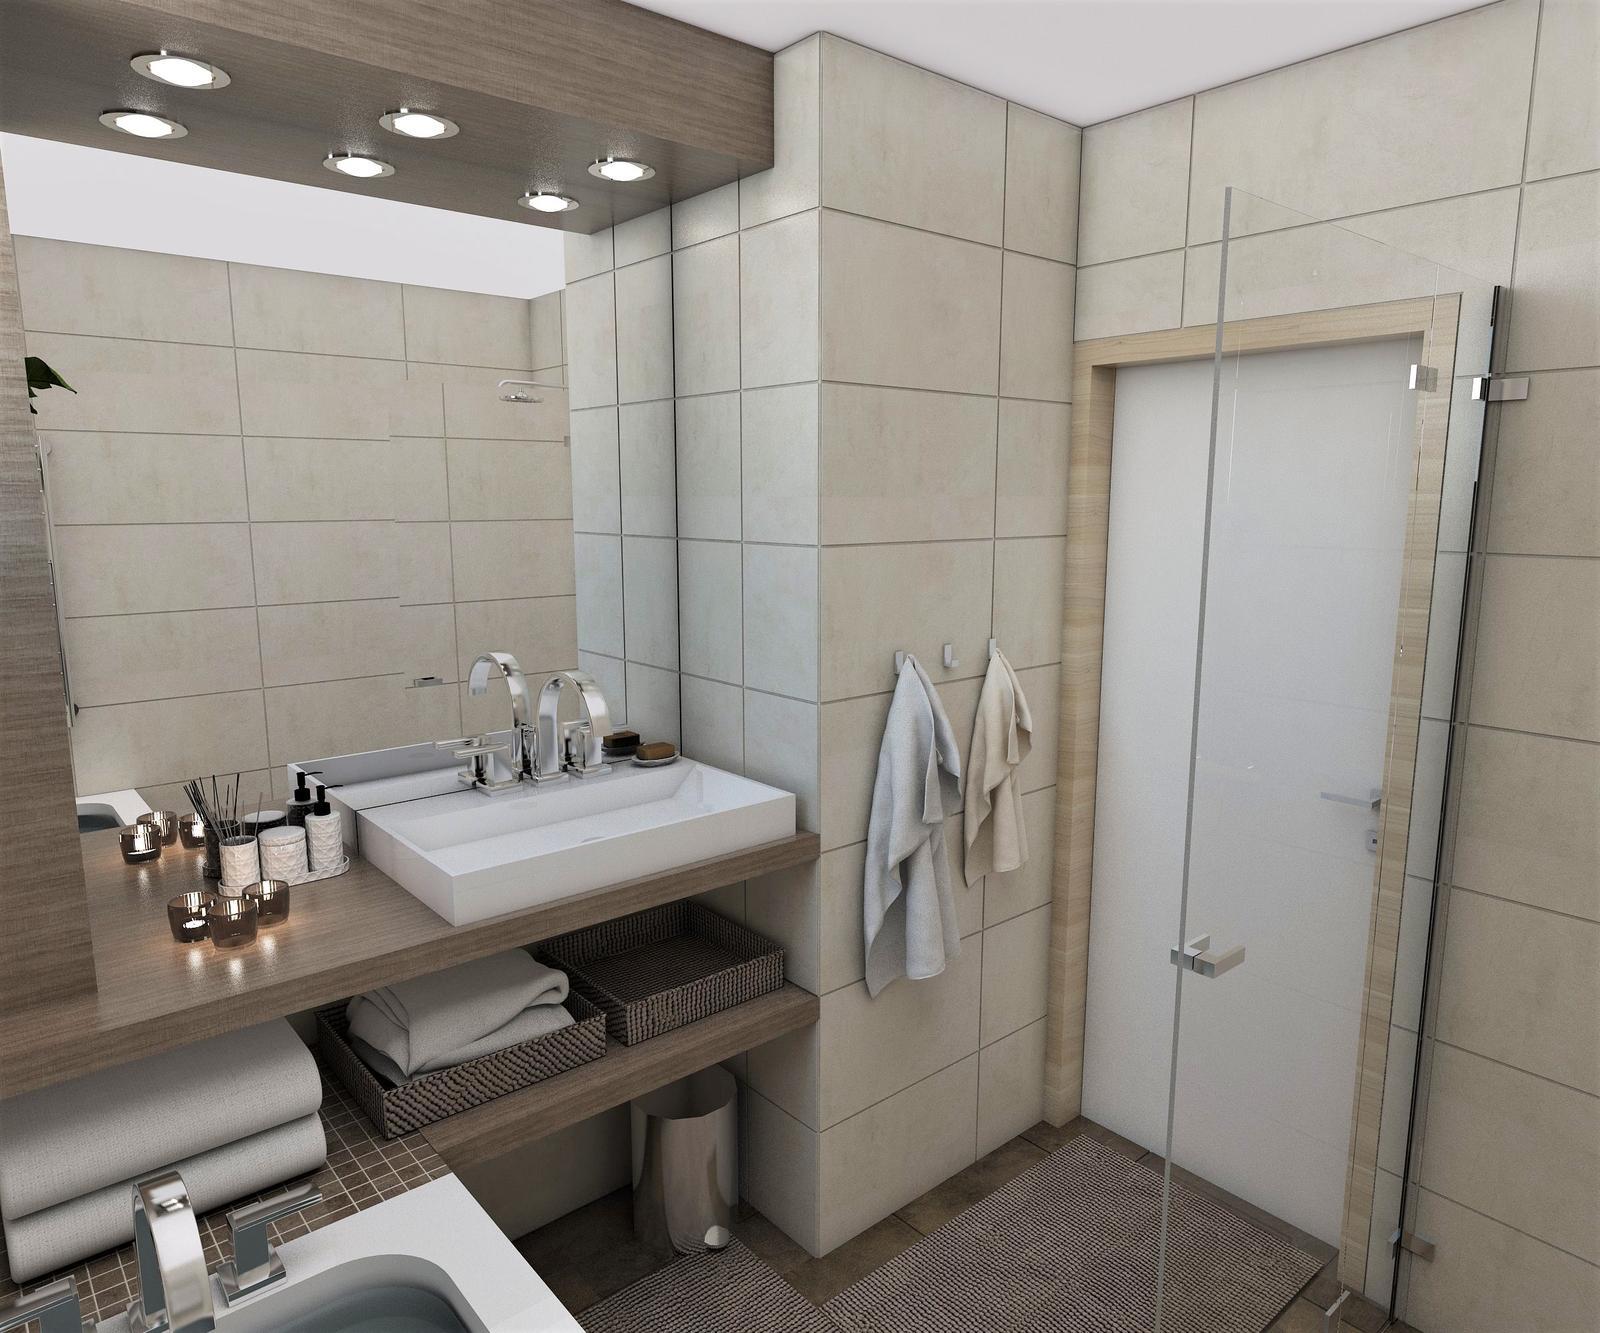 Kúpeľne- vizualizácie - Obrázok č. 69